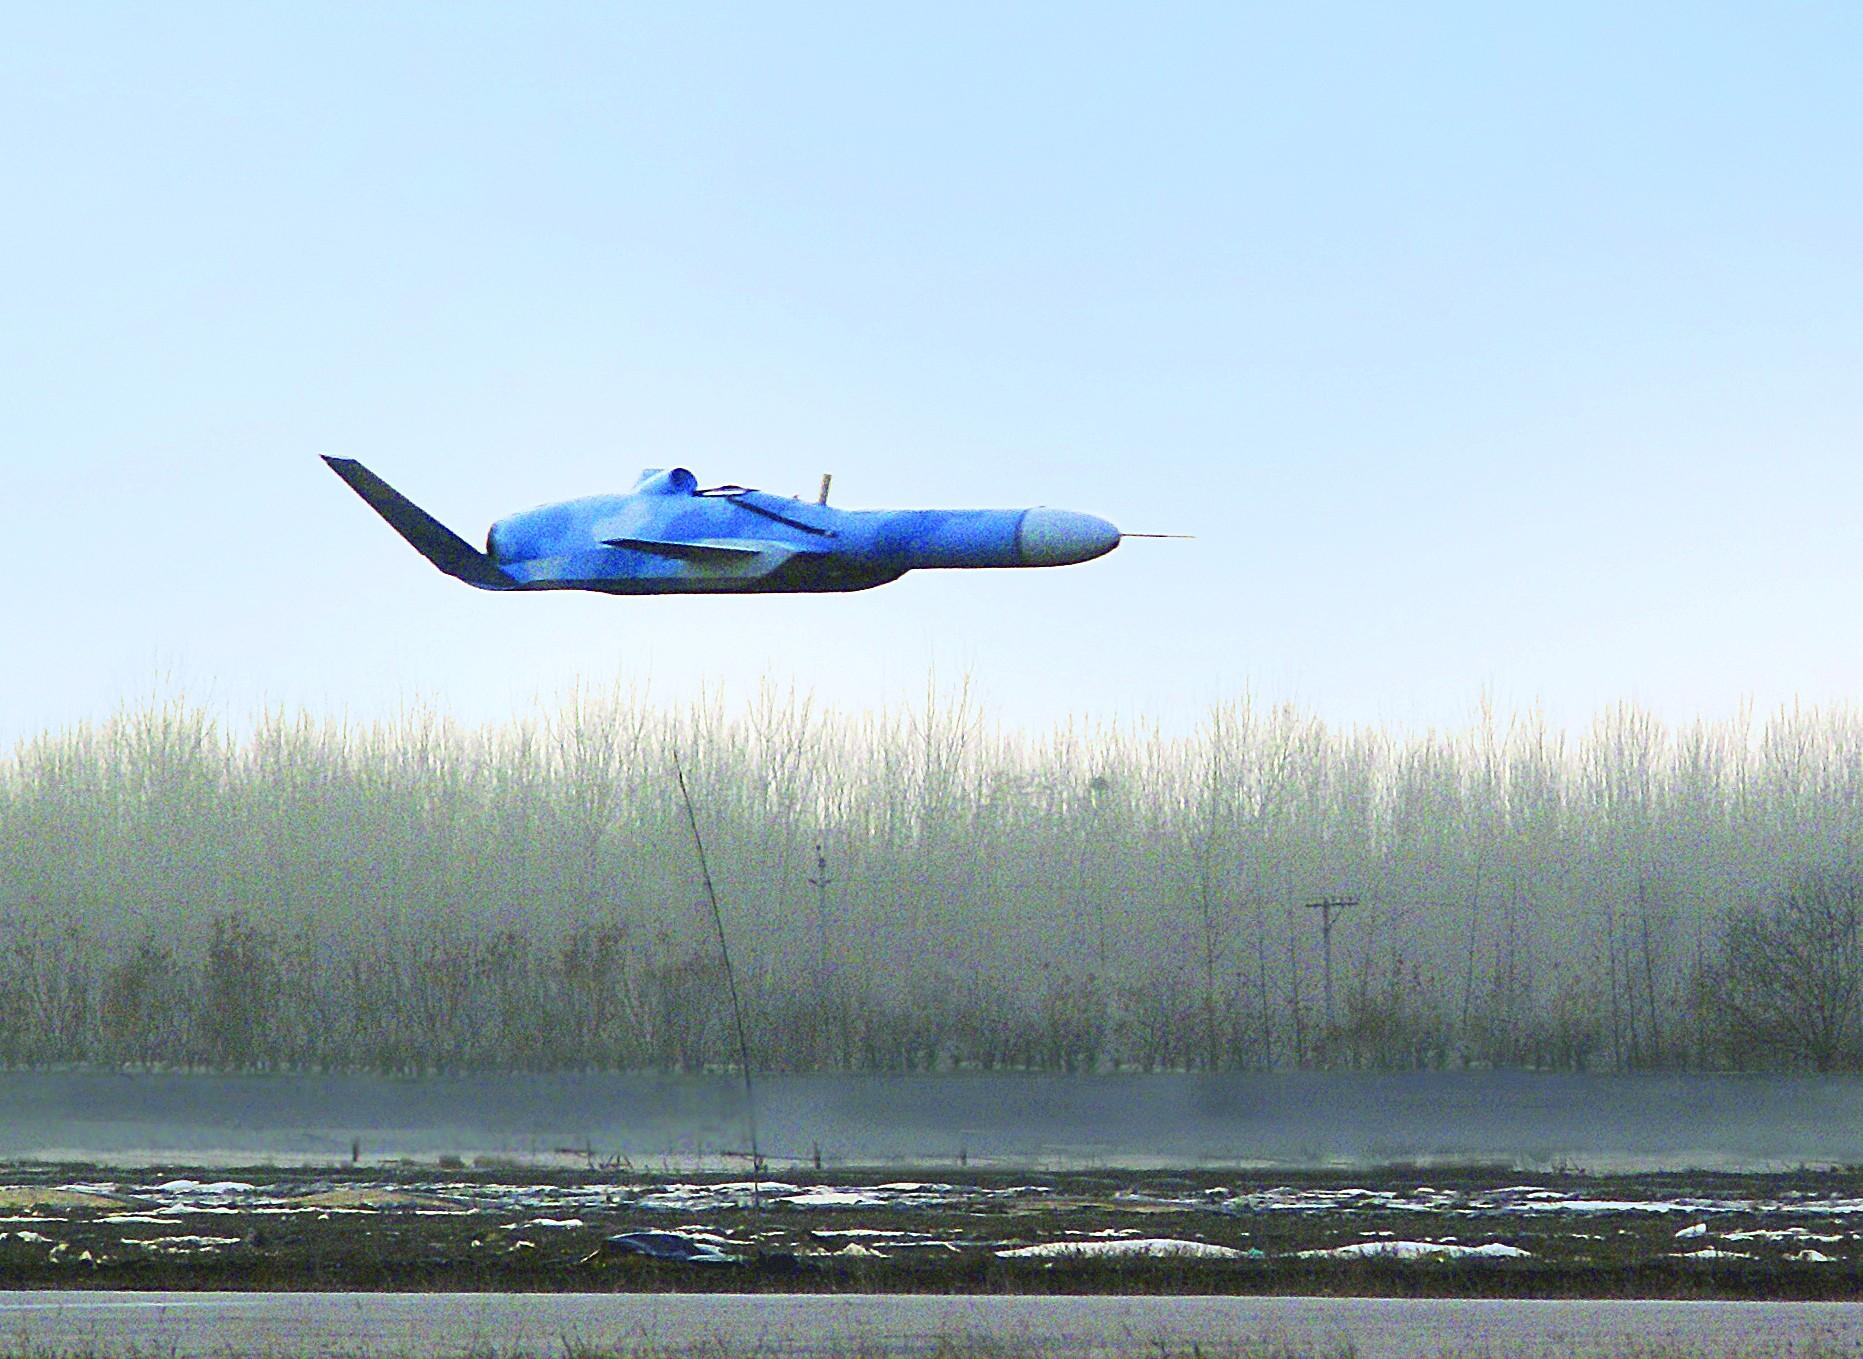 俄媒:中国地效无人机可打击航母 很适合部署南海